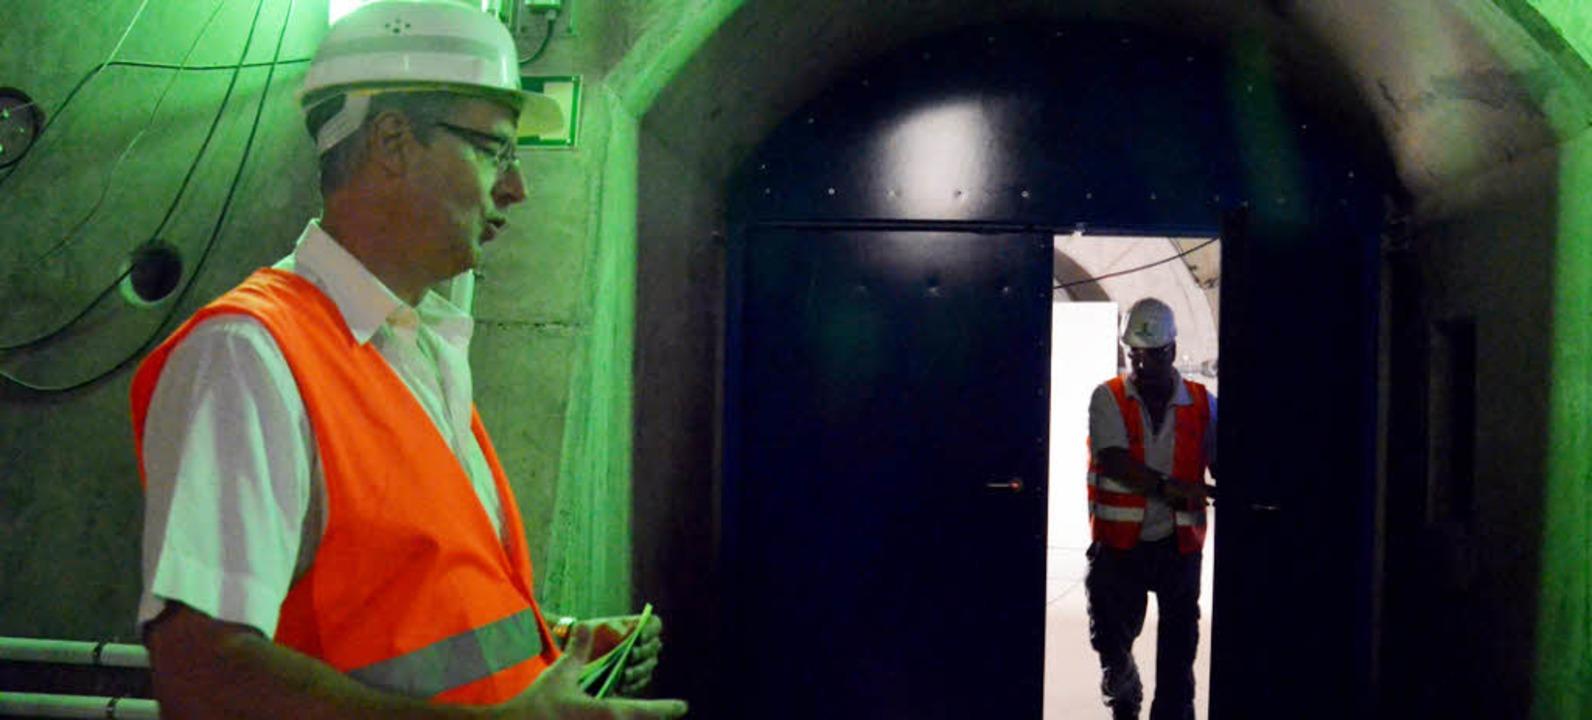 Für DB-Projektteamleiter Thomas Zieger...nelröhre zentral fürs Rettungskonzept.  | Foto: Langelott